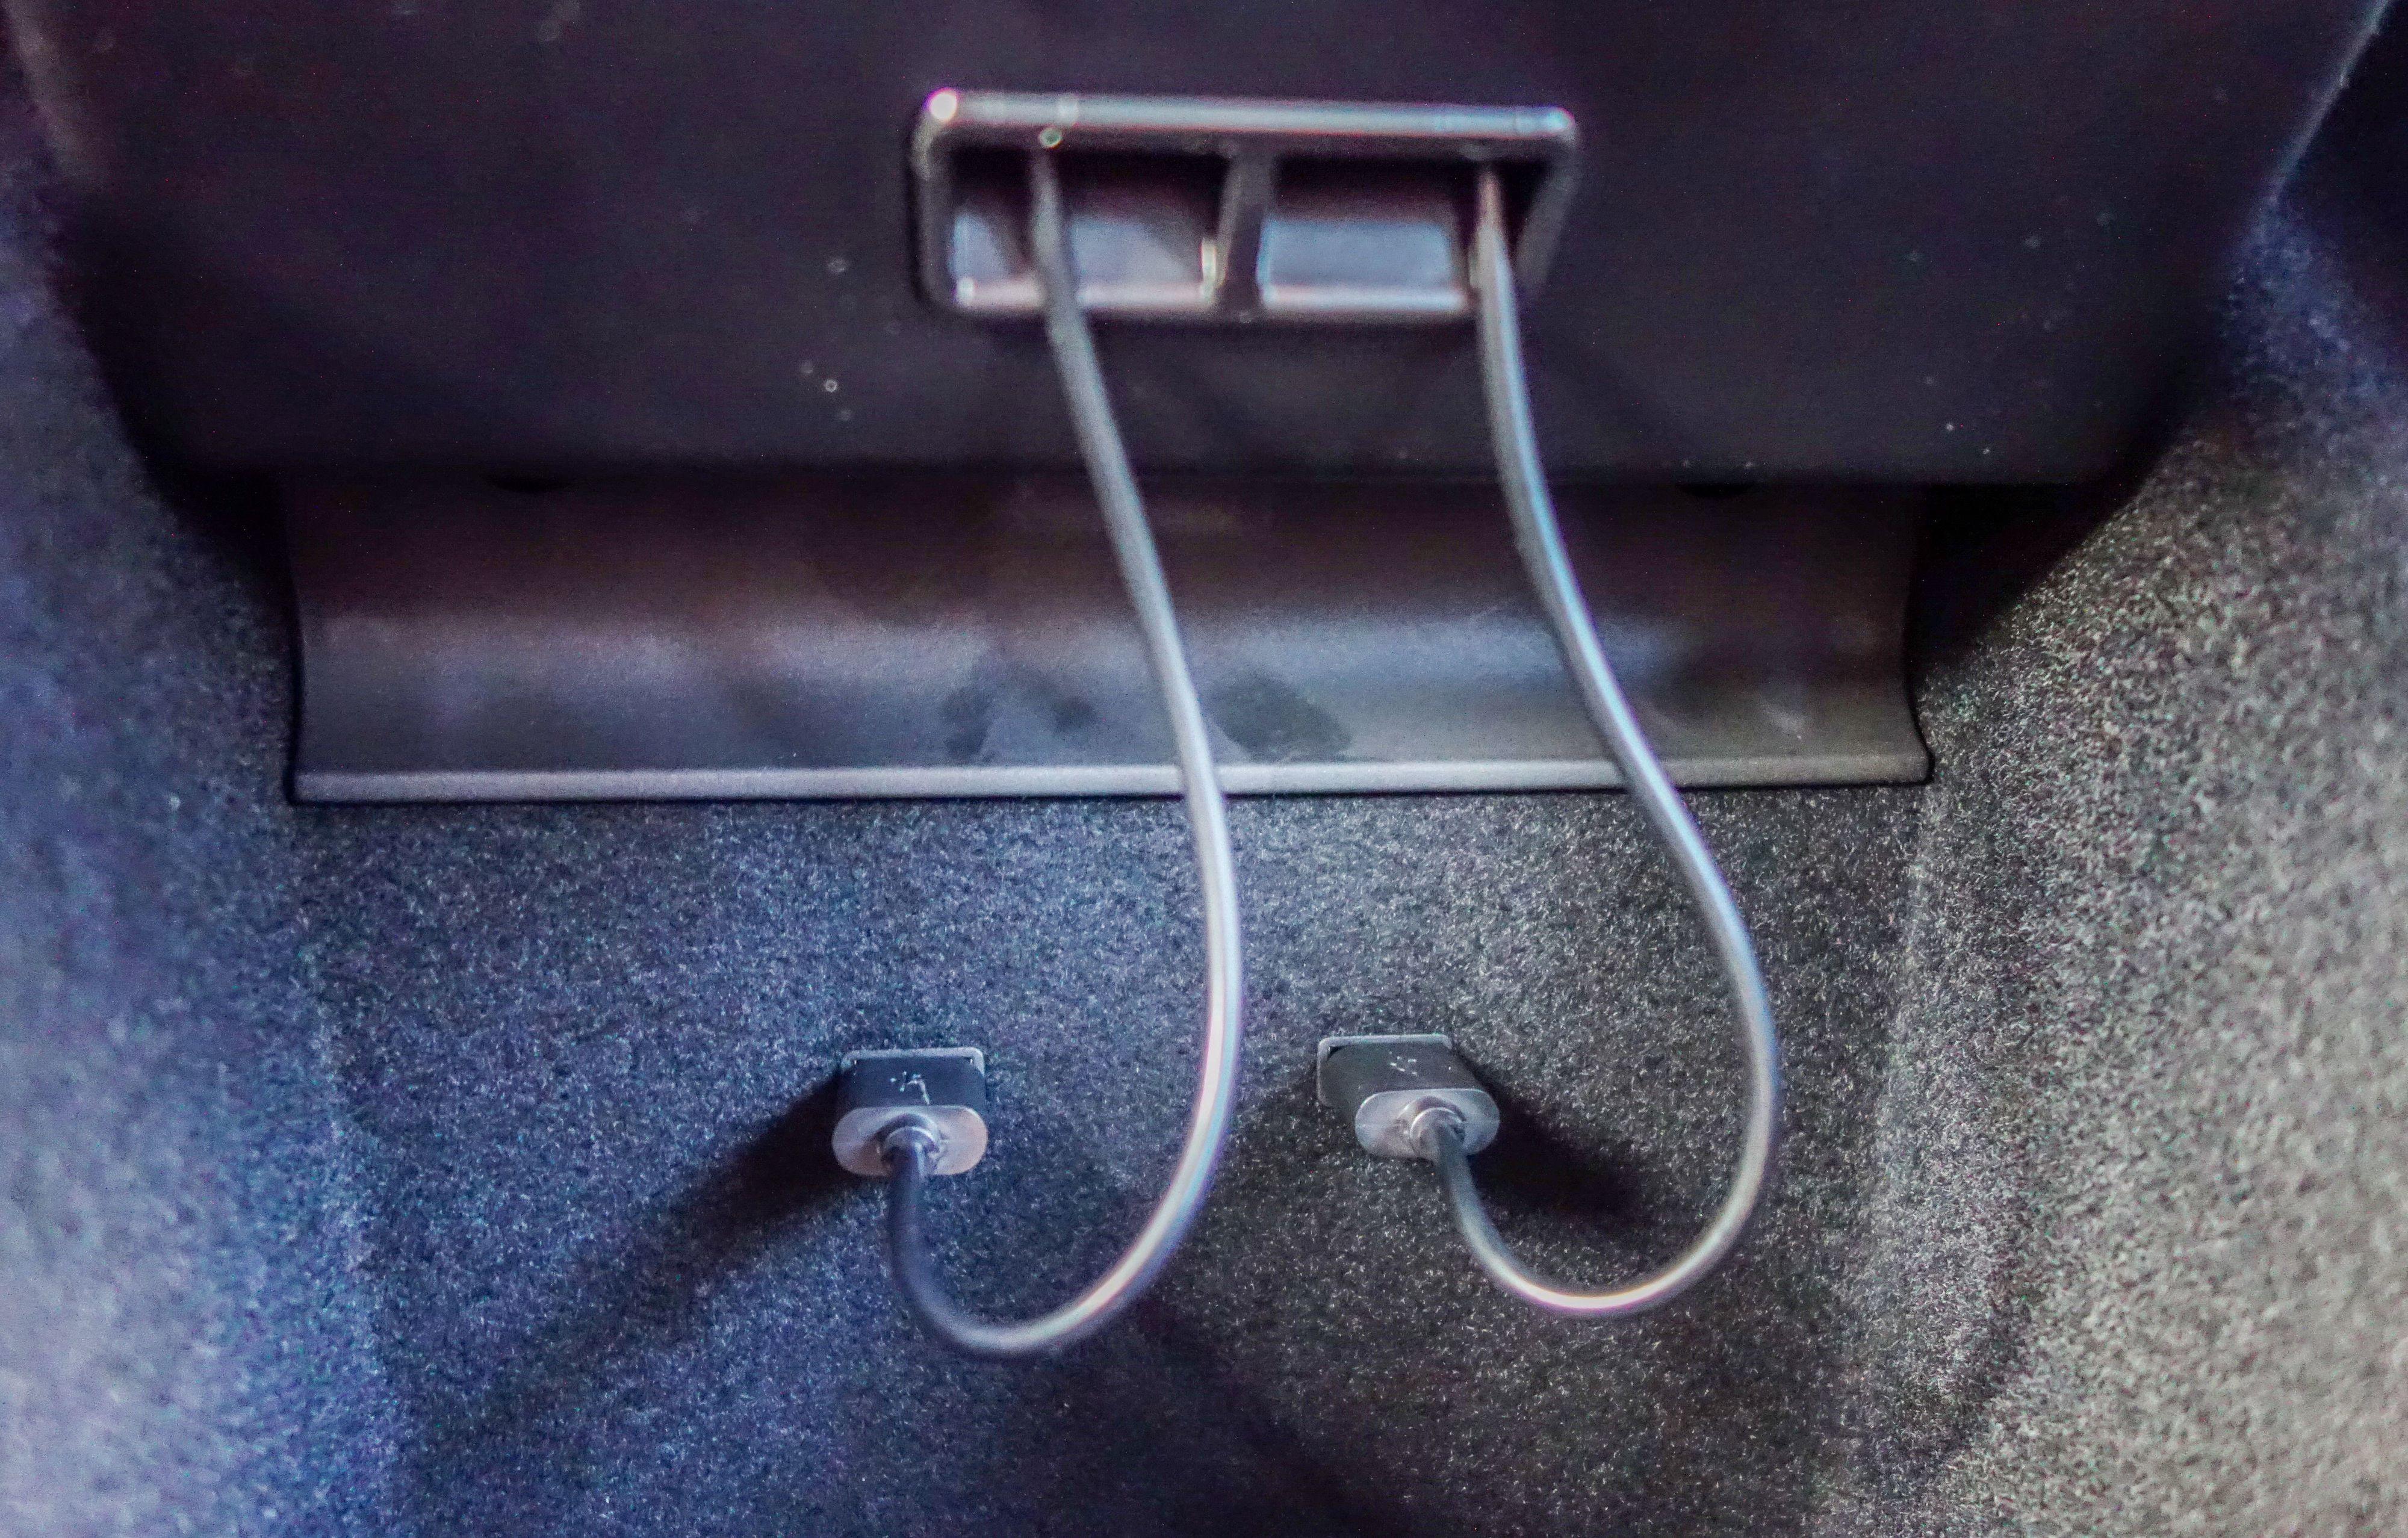 Du må være koblet til begge USB-portene for å få strøm til ladeplaten.